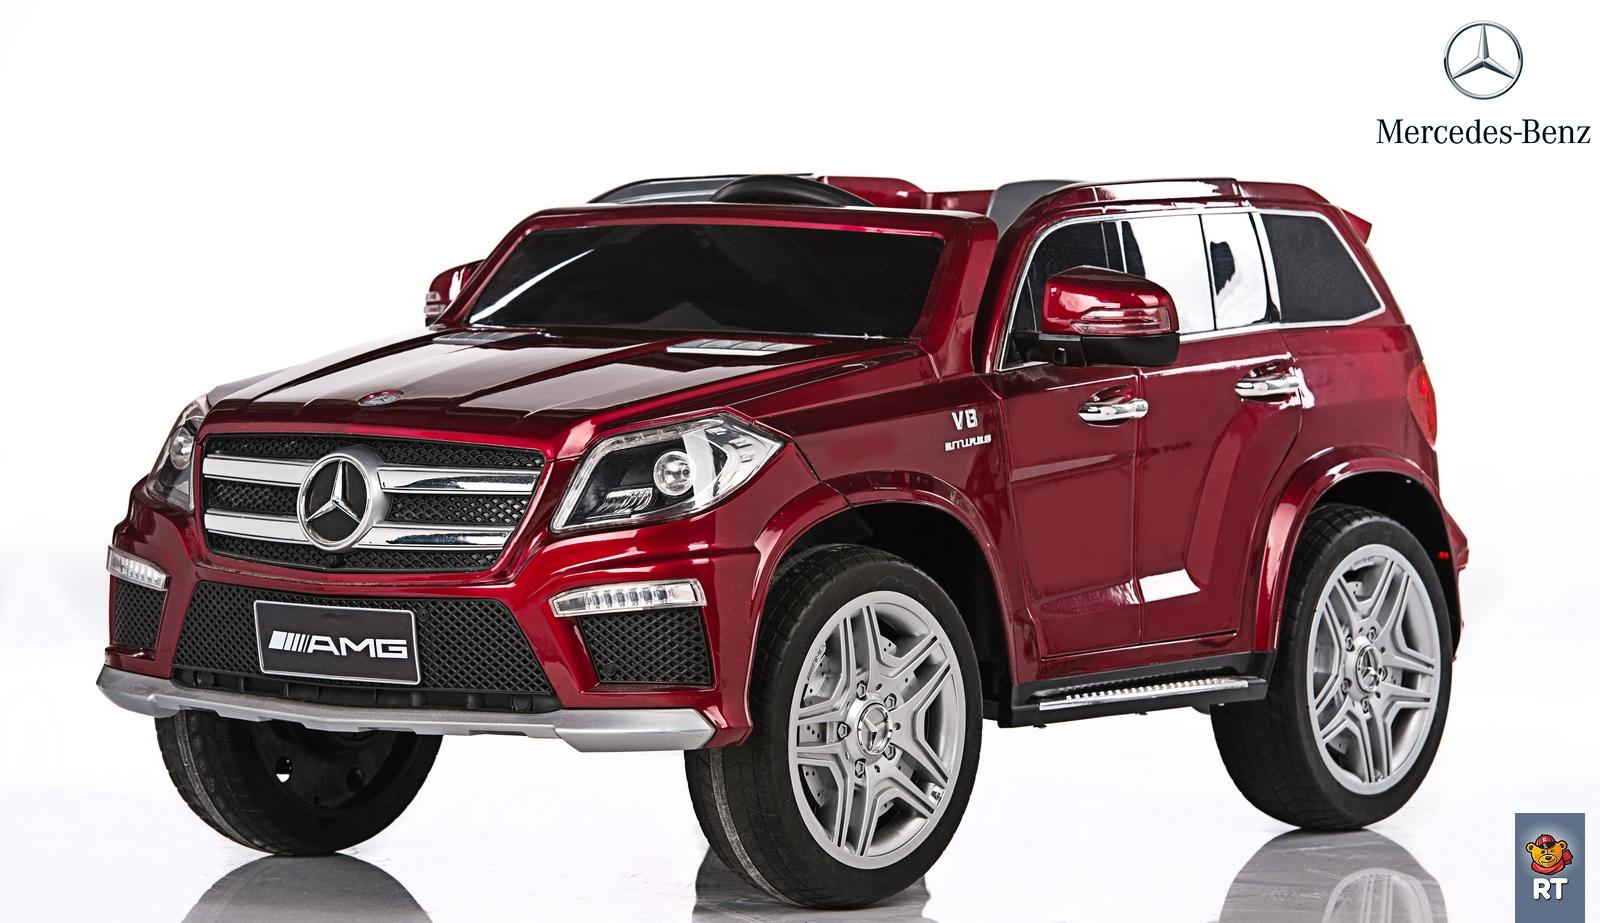 Электромобиль RT ML63 Mercedes-Bens AMG 12V R/C с резиновыми колесами, цвет бордоЭлектромобили, детские машины на аккумуляторе<br>Электромобиль RT ML63 Mercedes-Bens AMG 12V R/C с резиновыми колесами, цвет бордо<br>